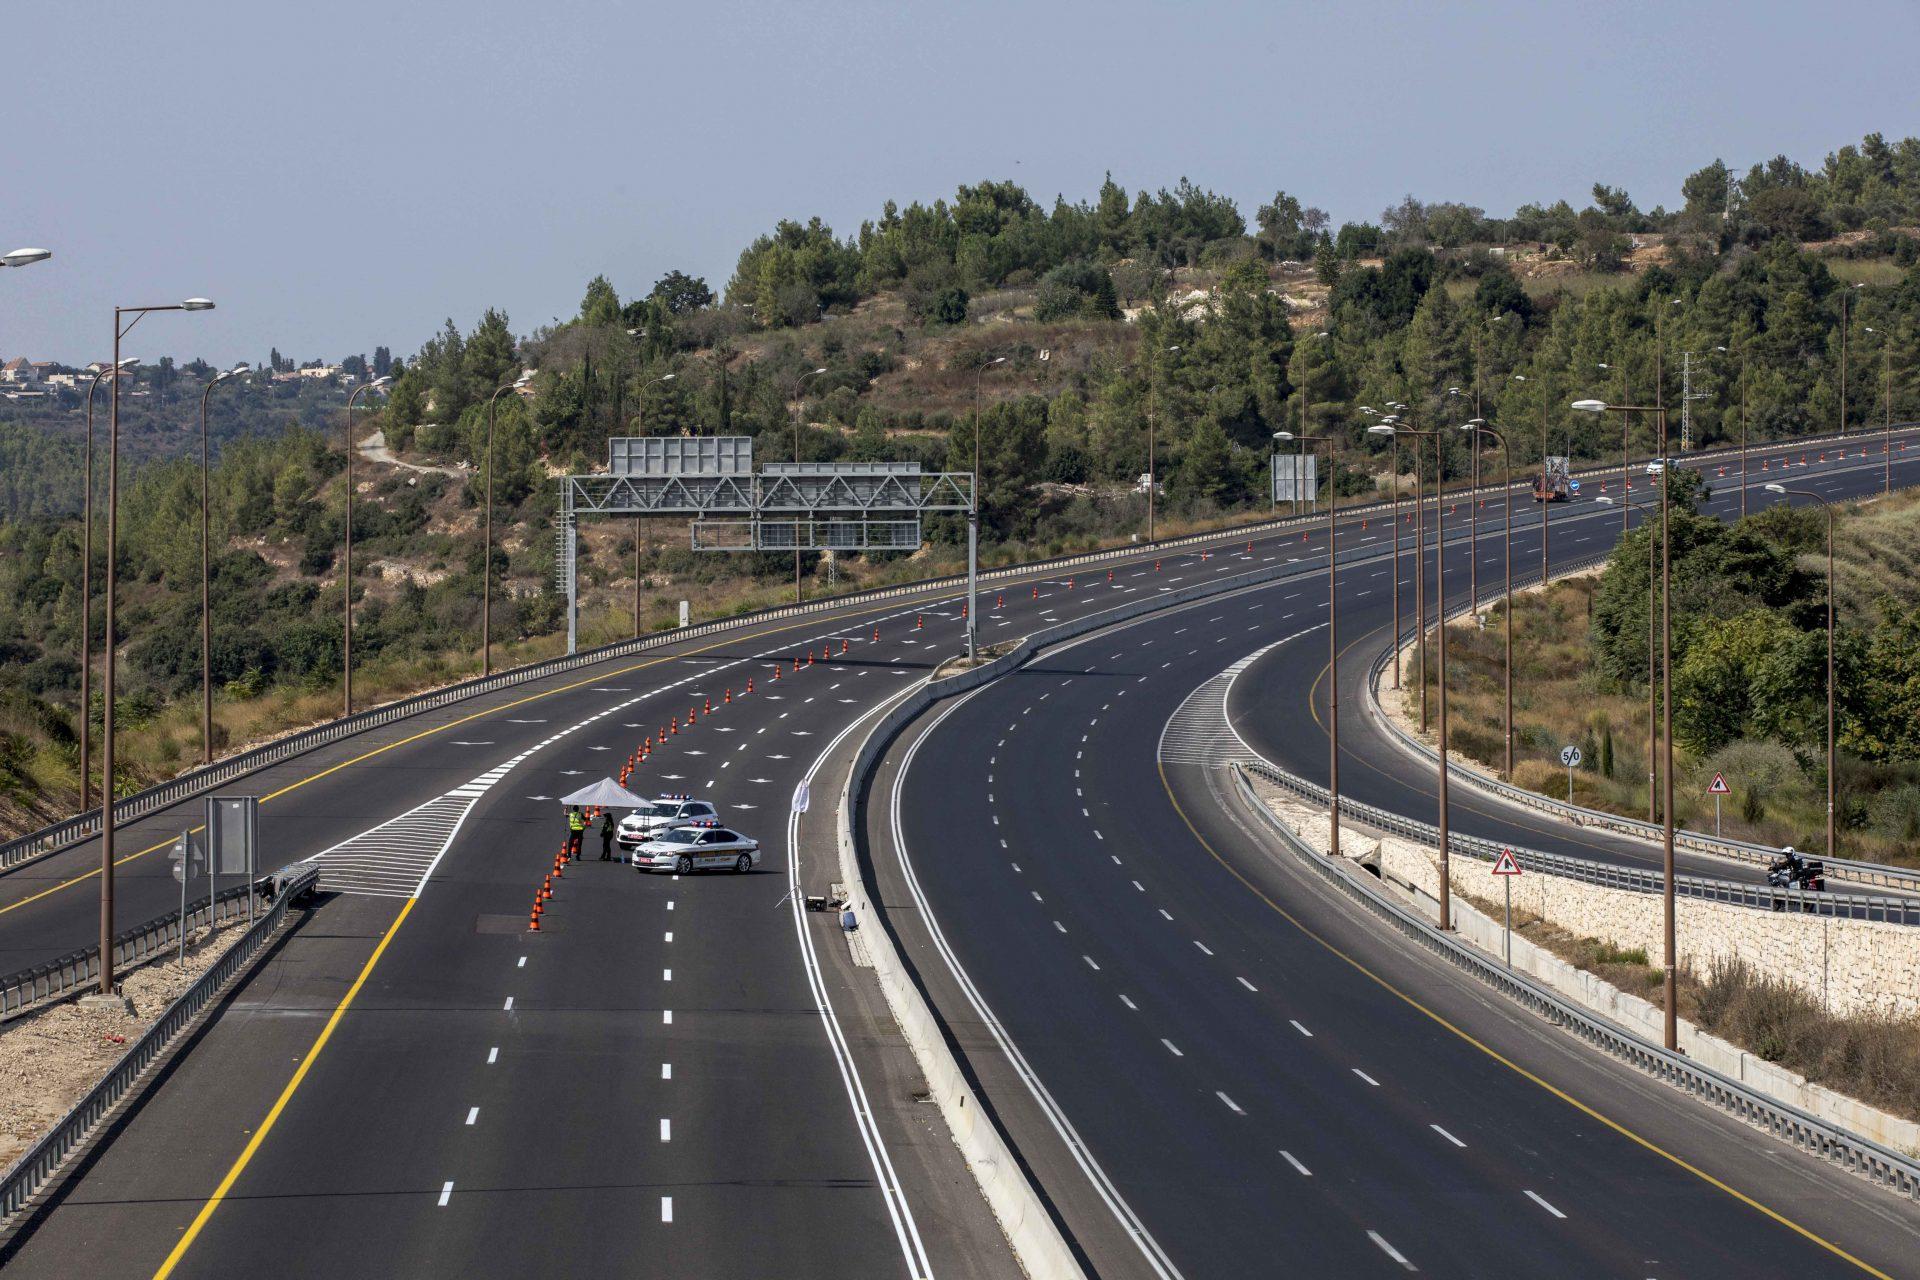 סגר ראש השנה בירושלים - כביש 1 (צילום: אוהד צויגנברג)